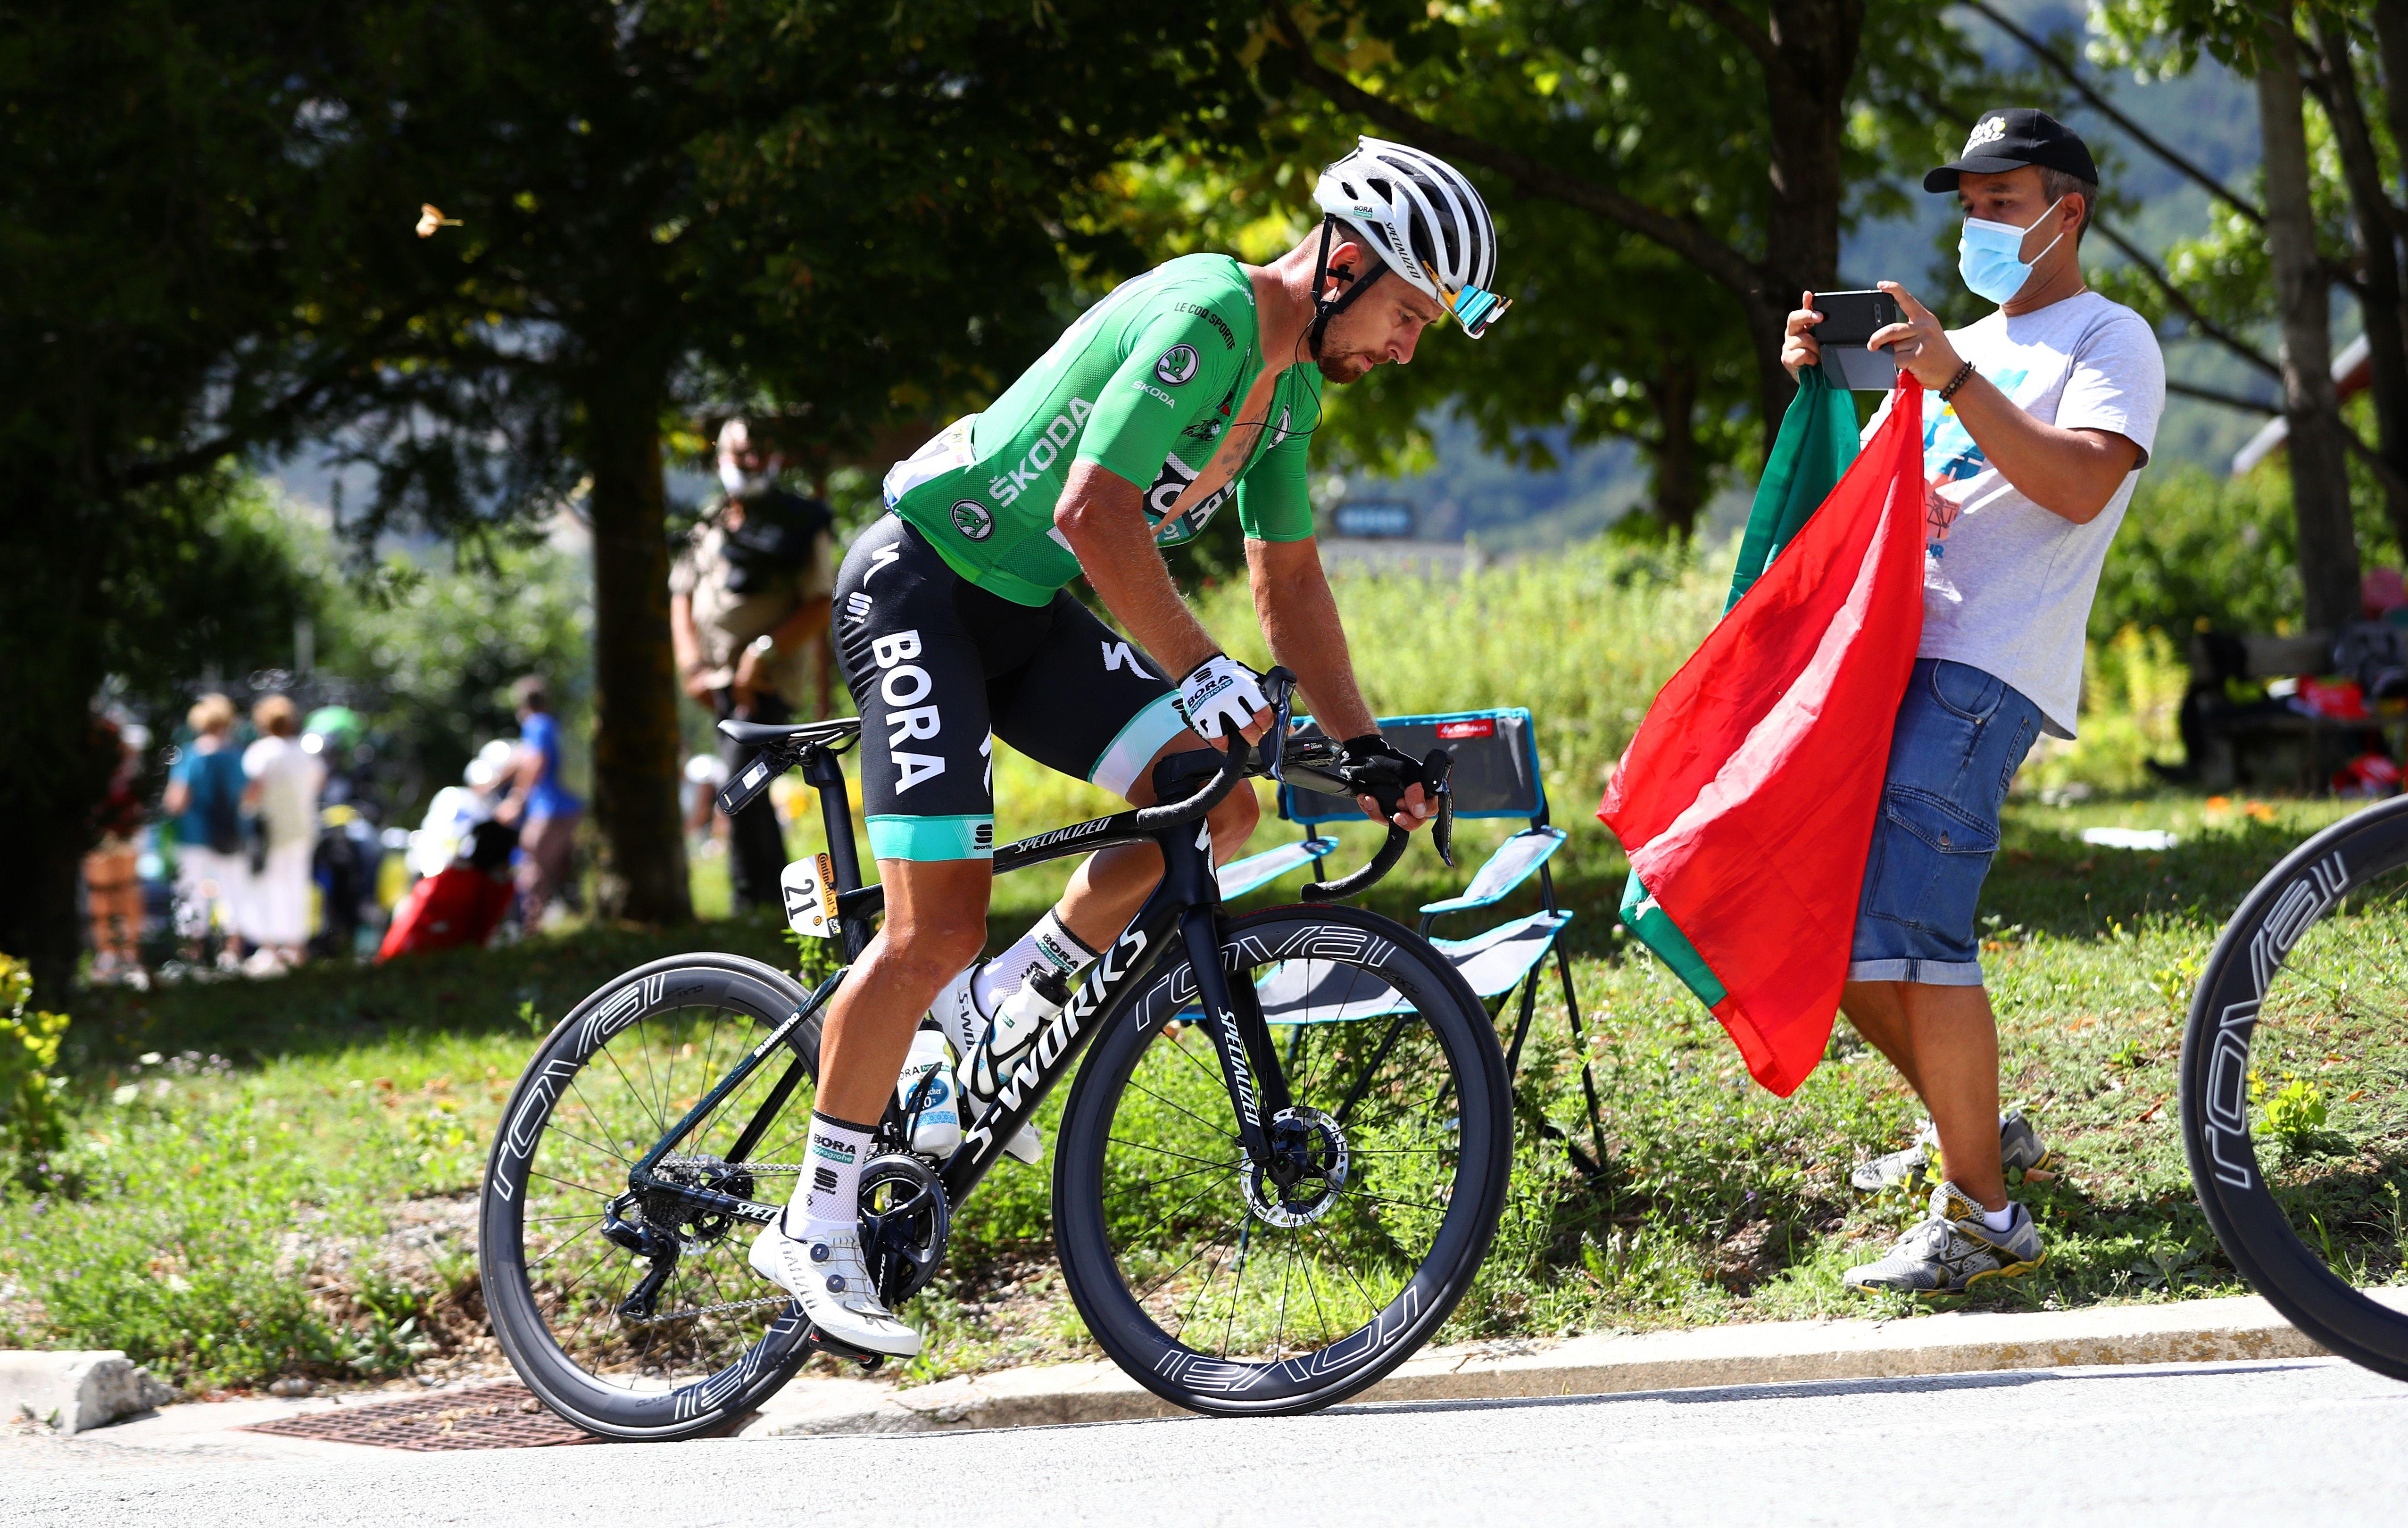 107th Tour de France 2020 - Stage 2